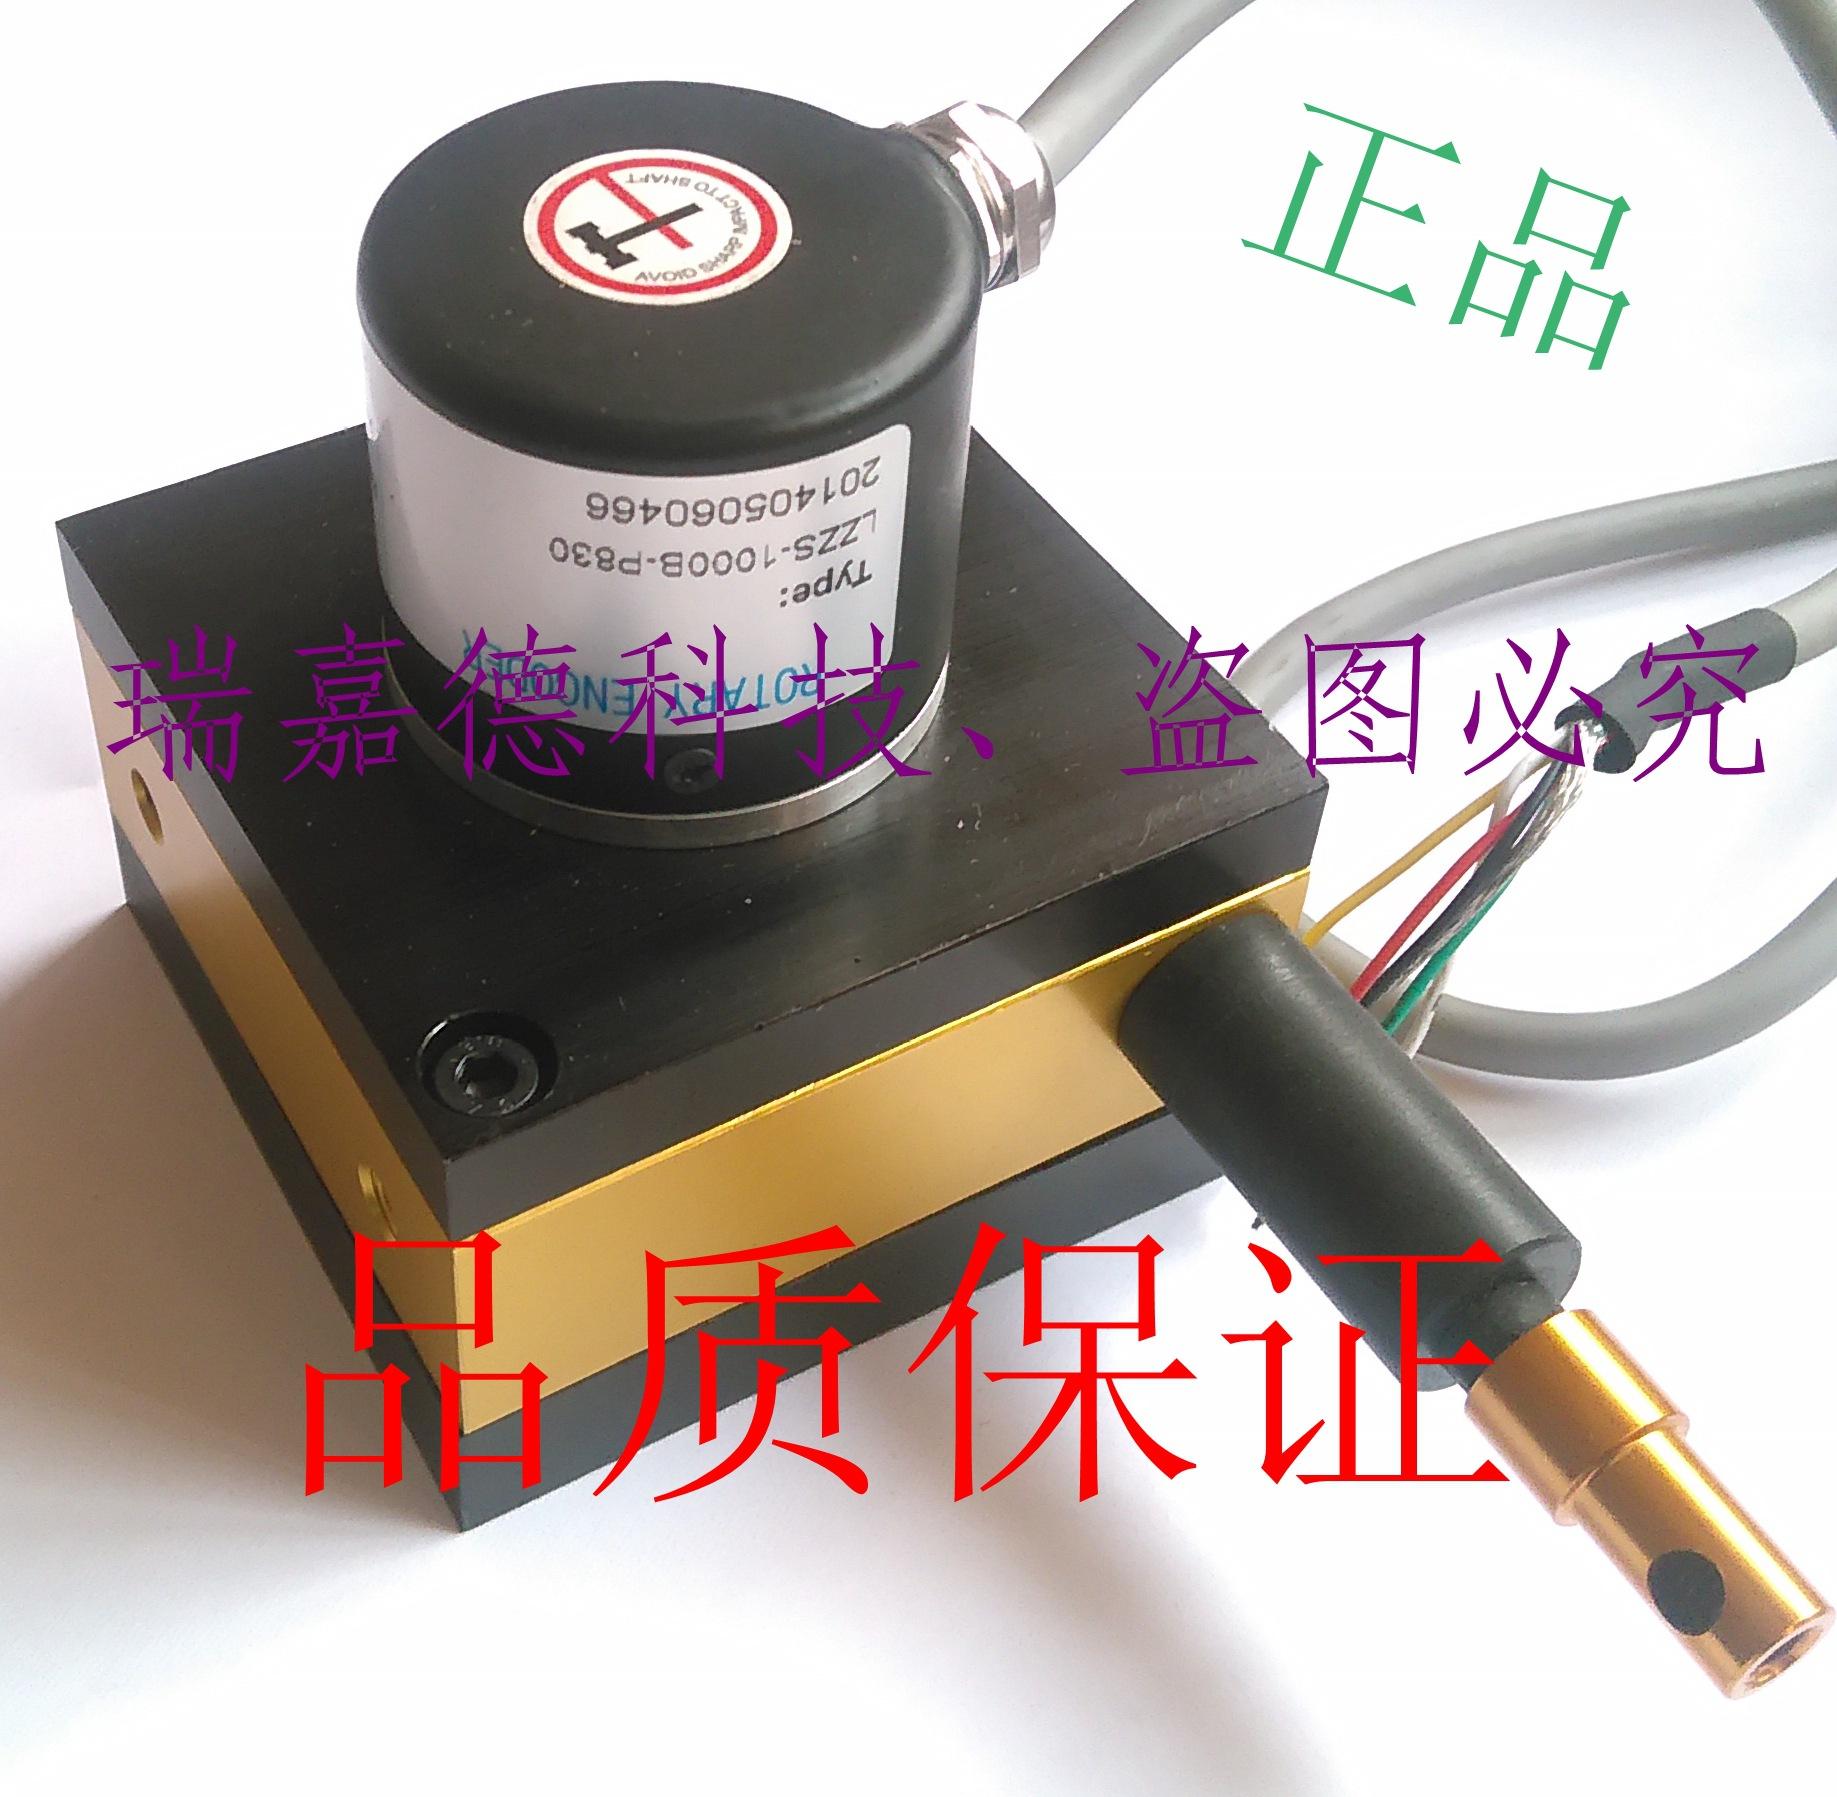 堡德拉线编码器拉绳式编码器拉线2米 脉冲数2000